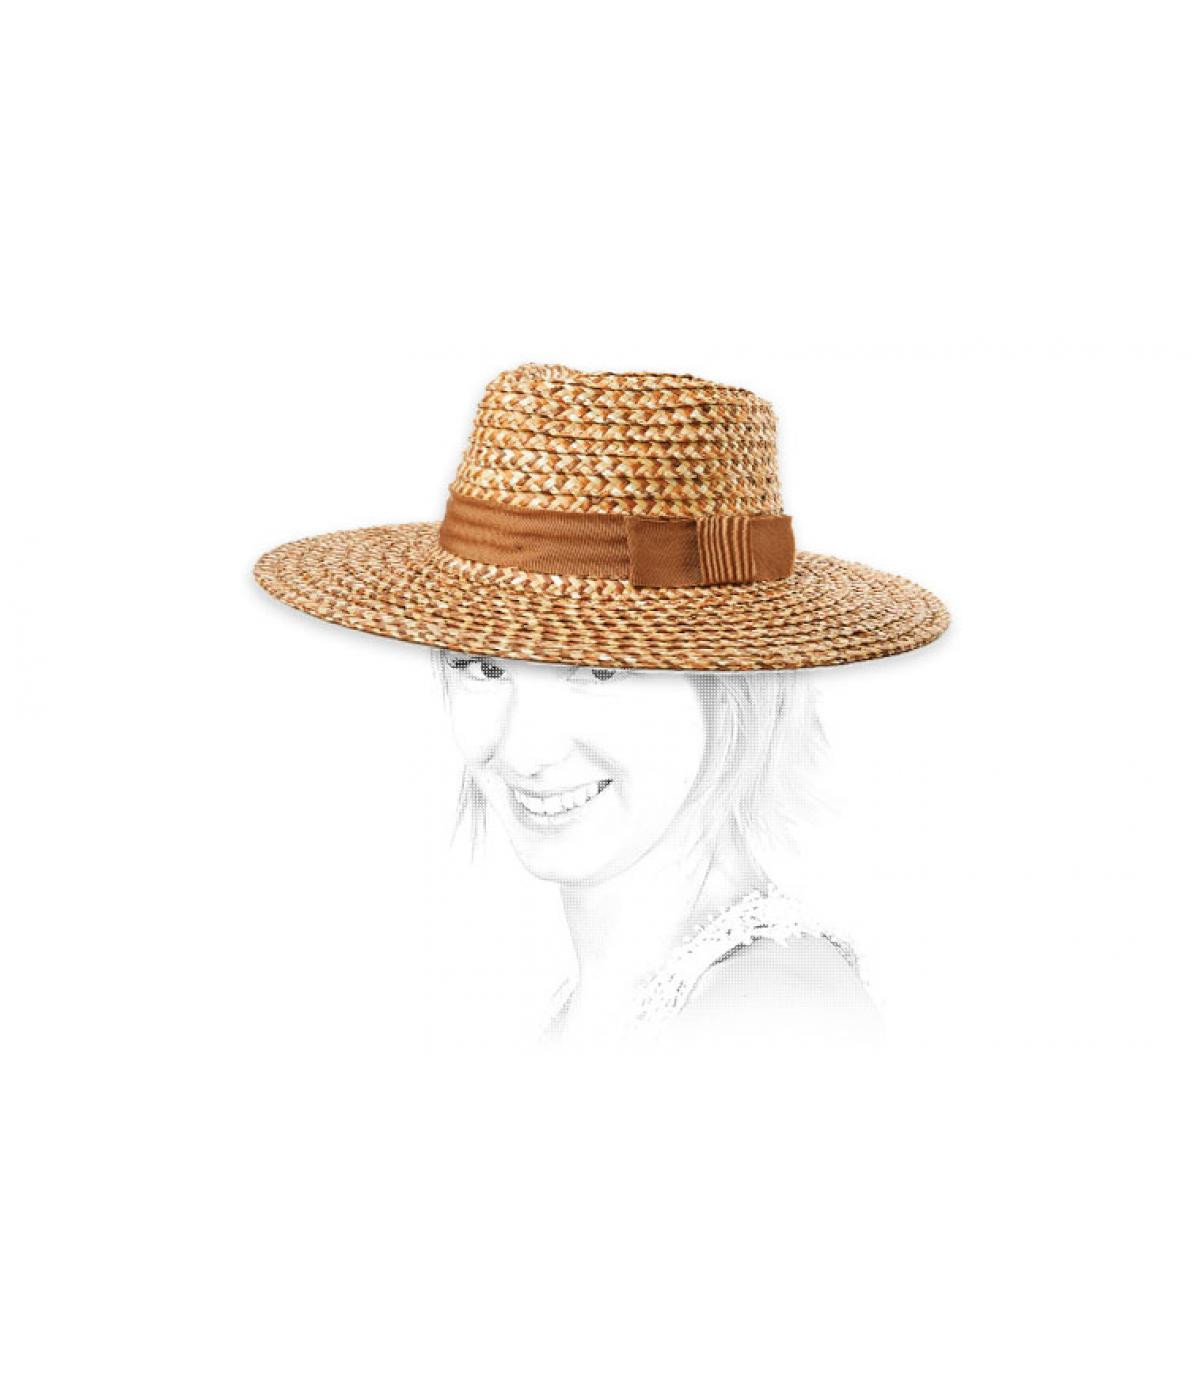 Sombrero beige - Compra venta de Sombreros beige. Primera ... 3c8dd9b2a4a